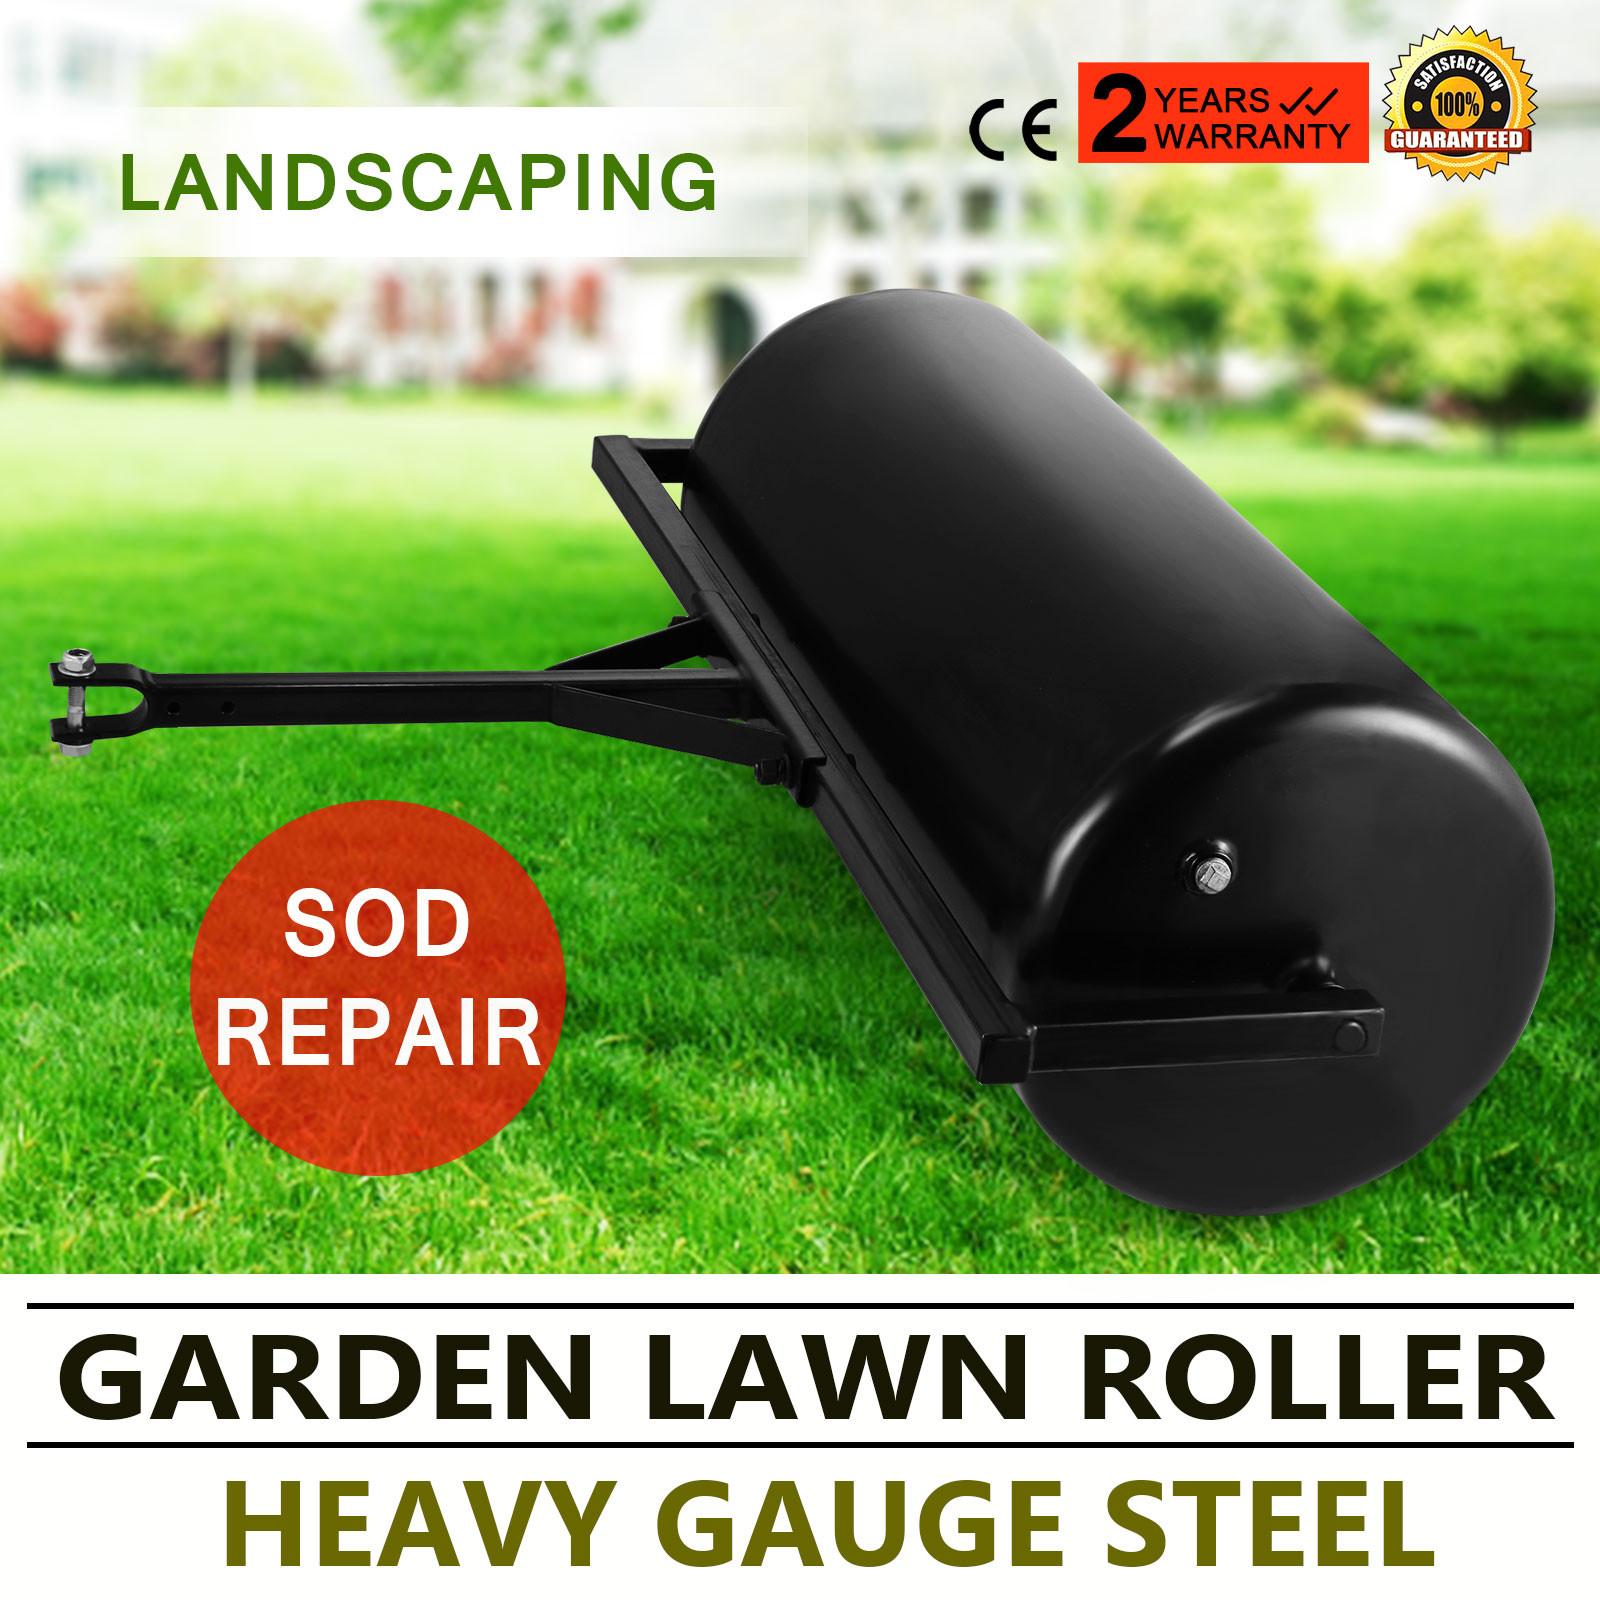 Versatile Garden Push Tow Lawn Roller Rust Resistant